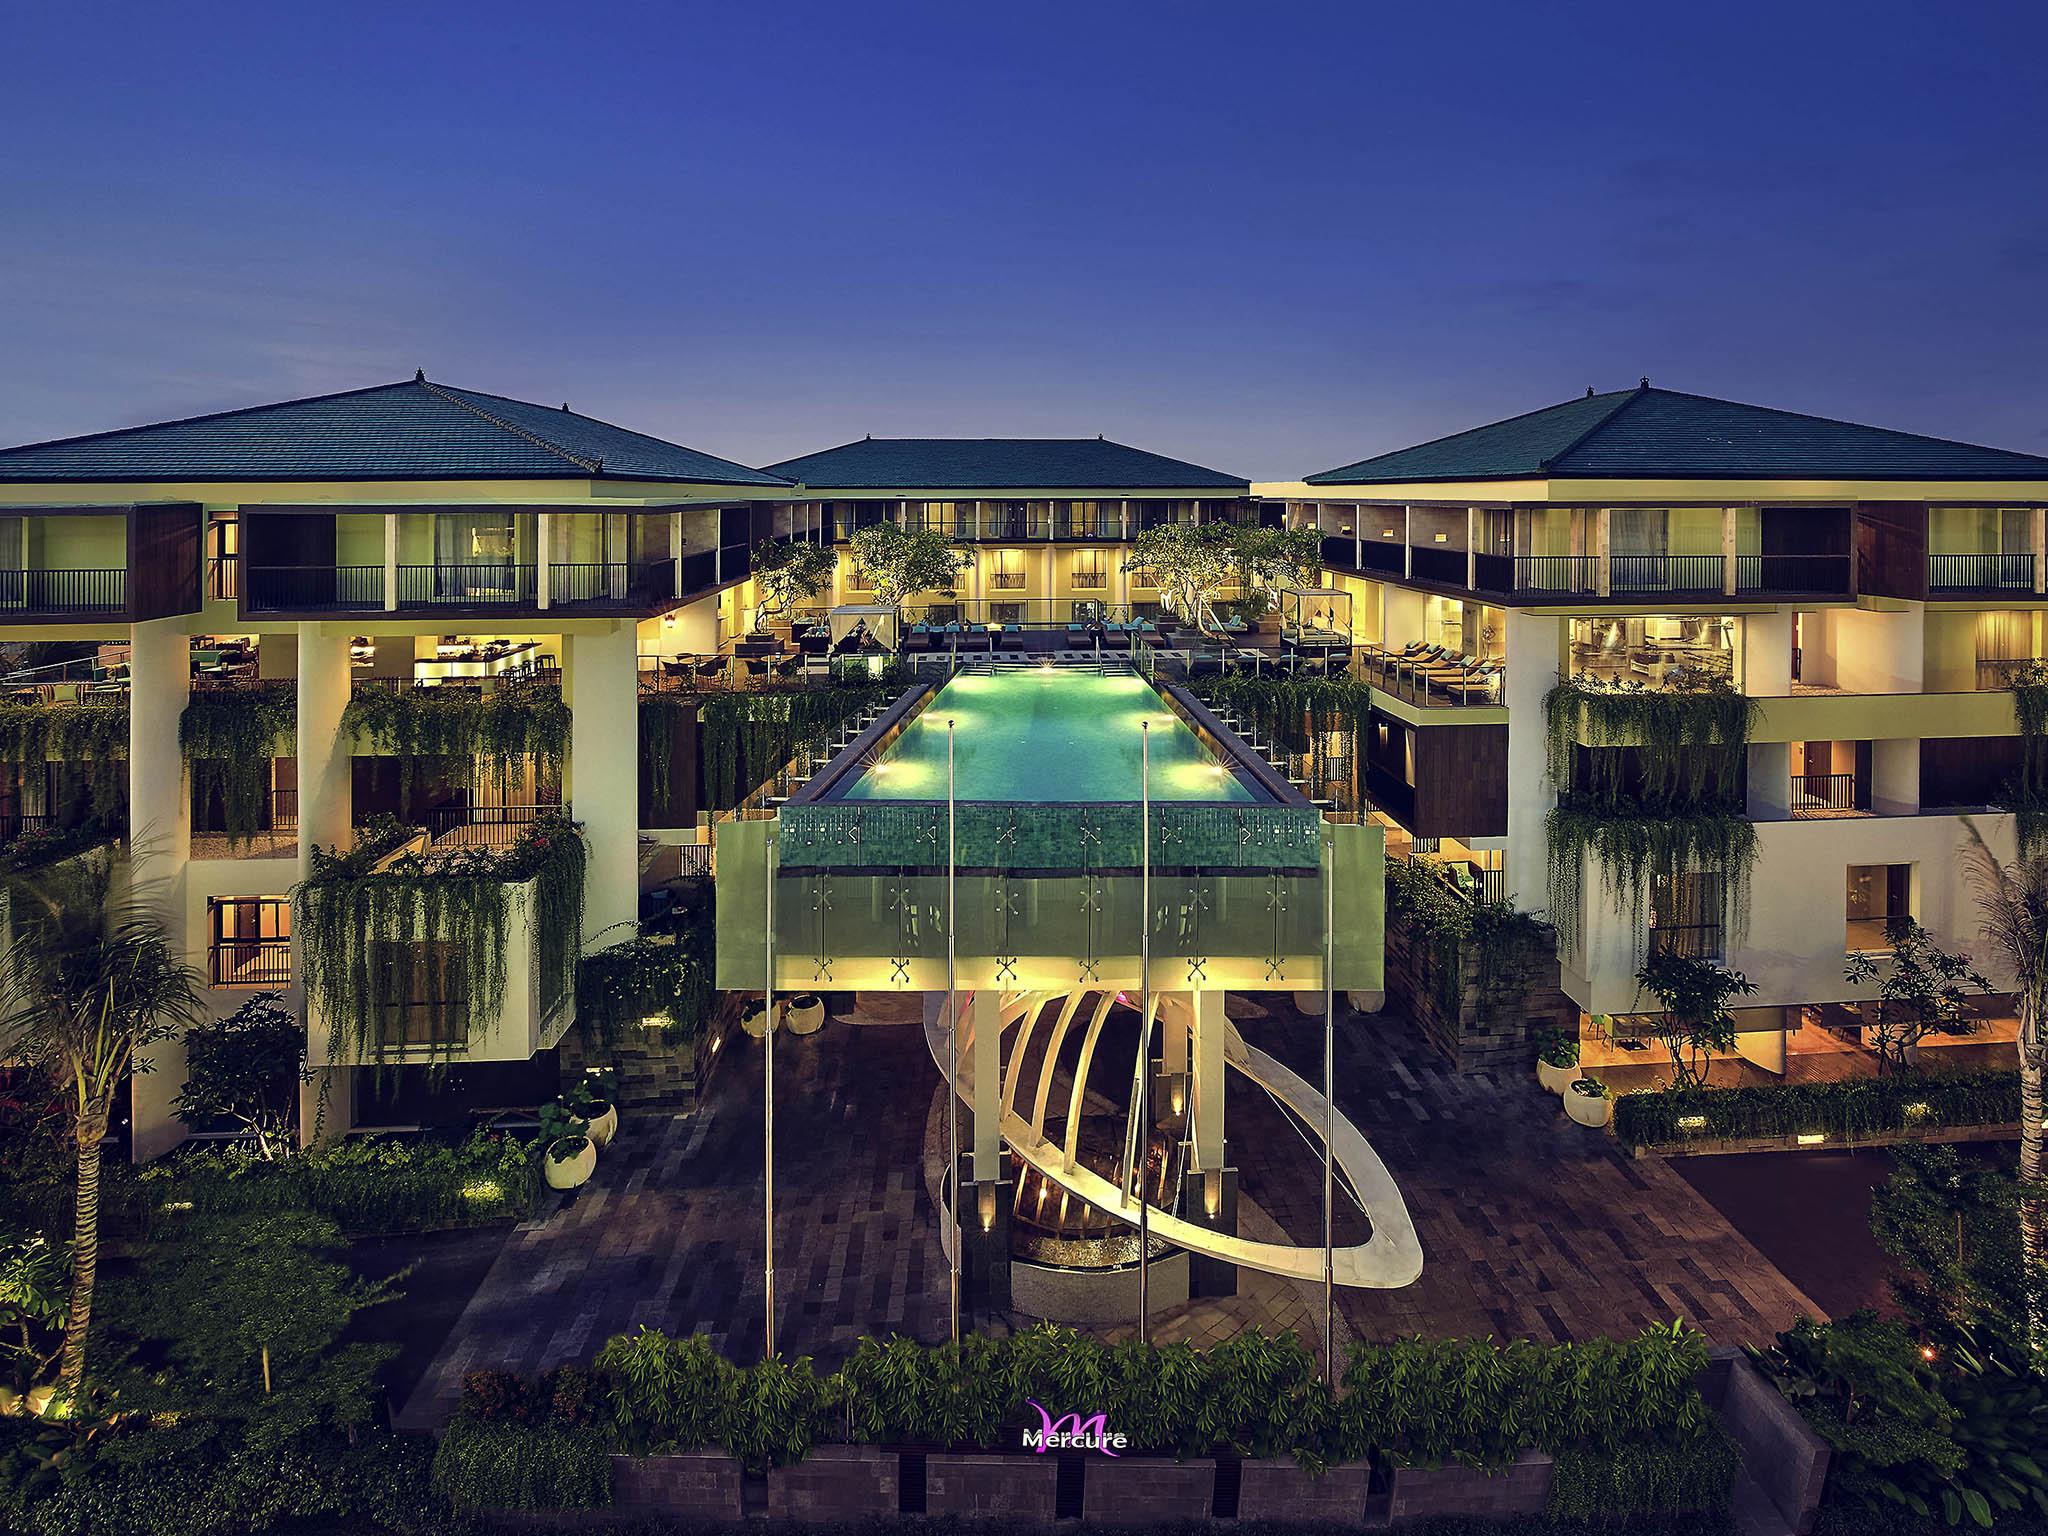 โรงแรม – เมอร์เคียว บาหลี ลีเจียน